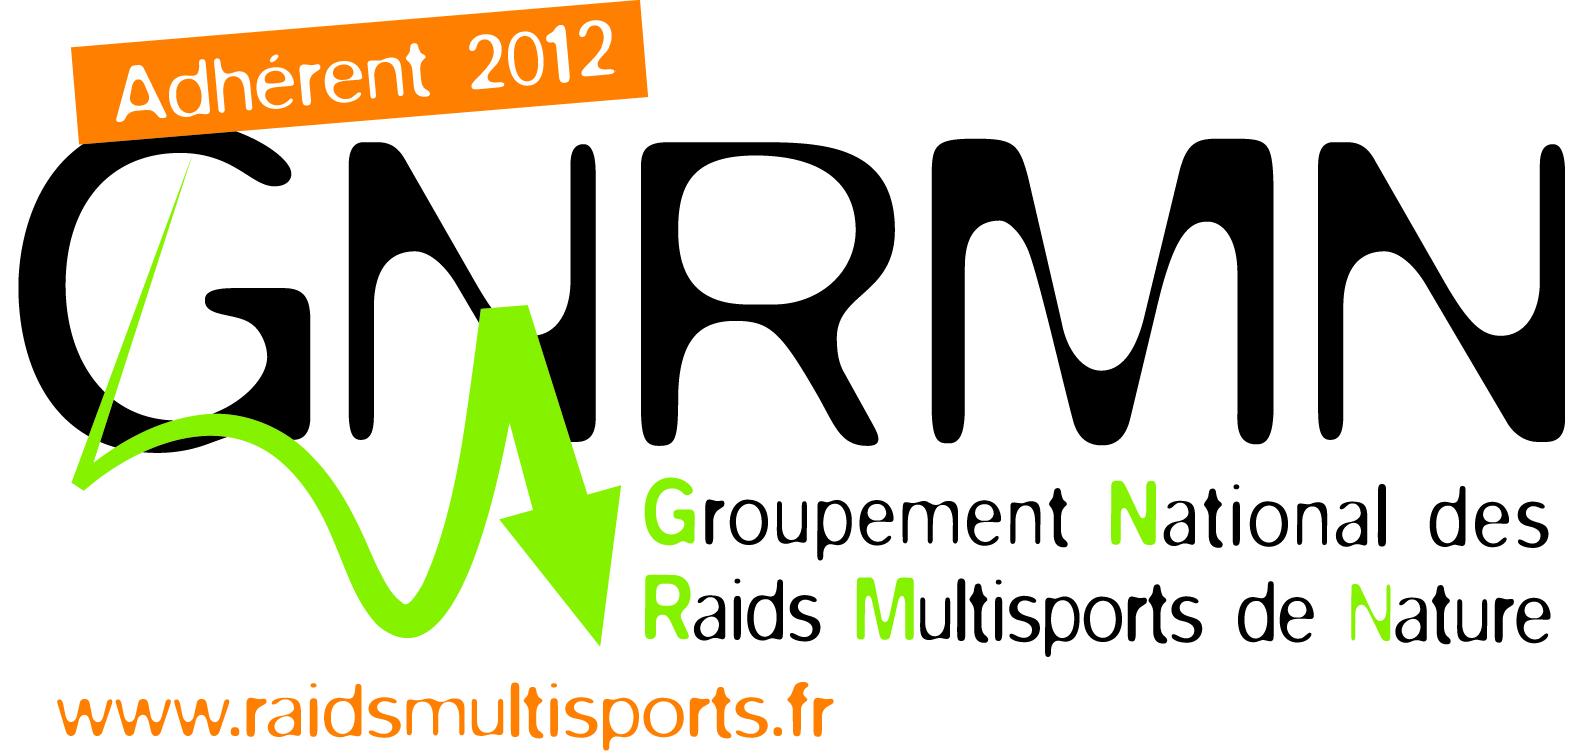 LOGO GNRMN adherent 2012